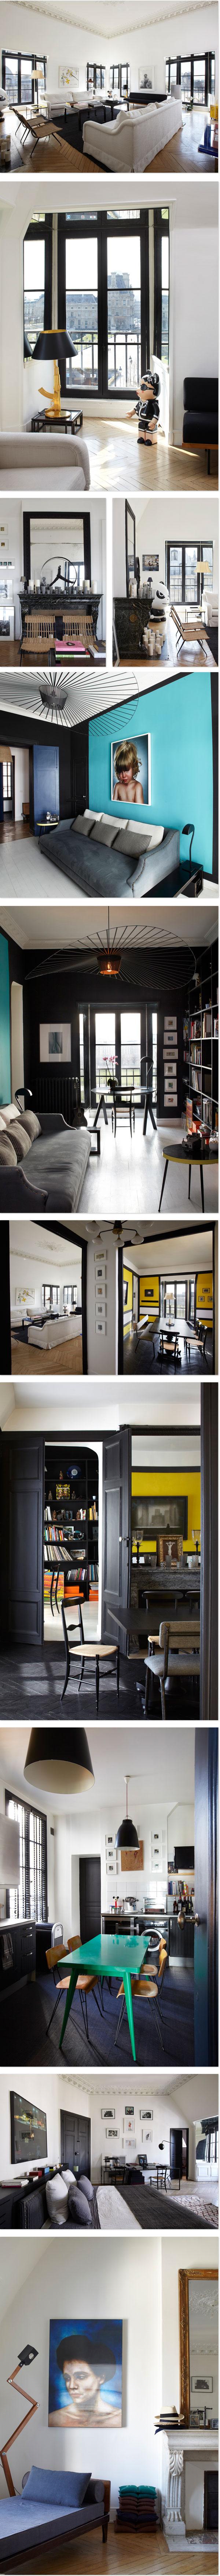 Sarah_Lavoine_designhaus_no9_2